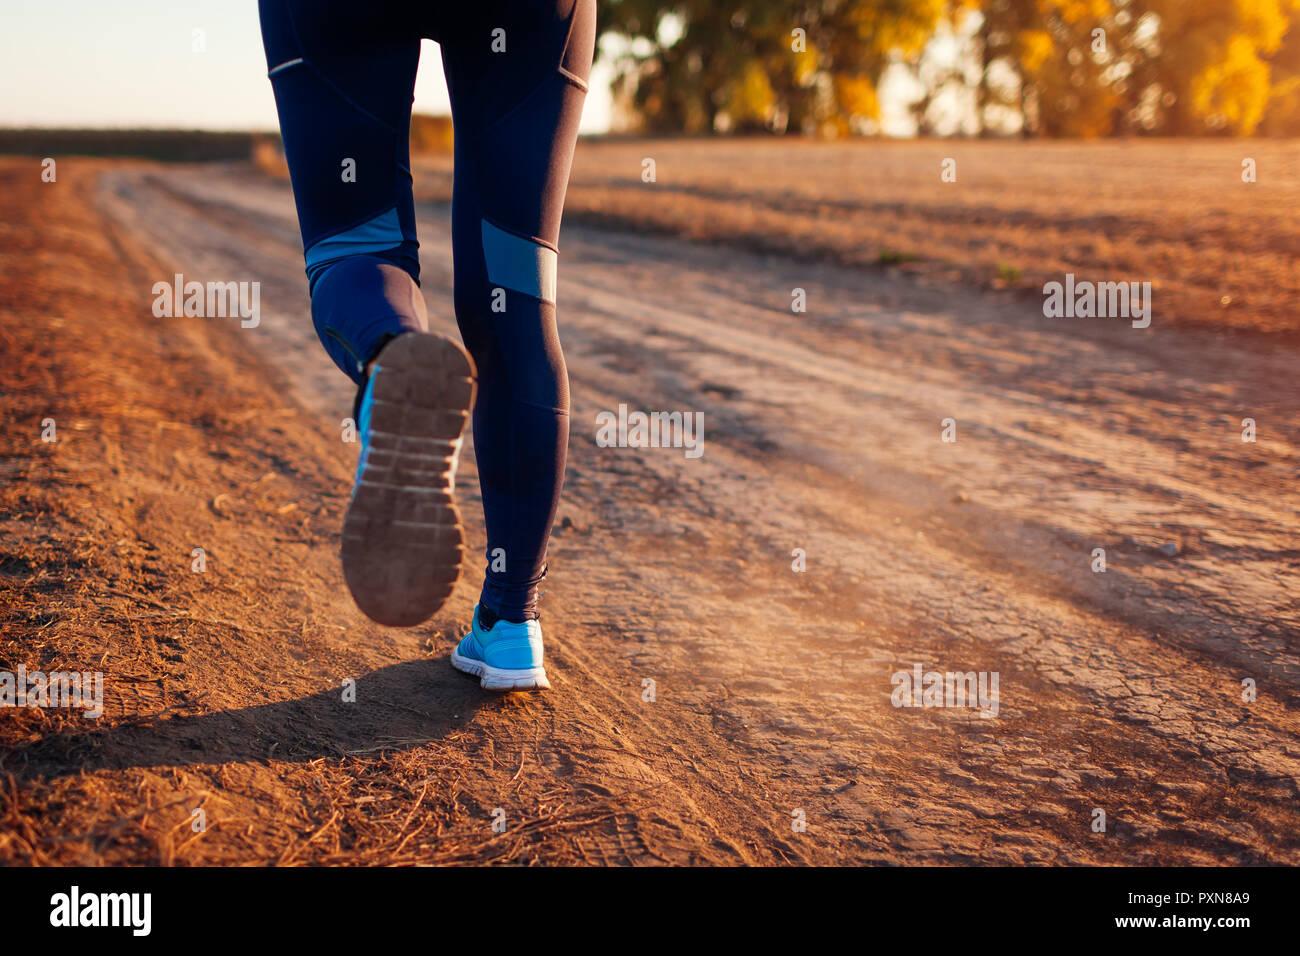 Mujer girando en otoño de campo al atardecer. Concepto de estilo de vida saludable. La gente deportiva activa. Cierre de piernas Foto de stock